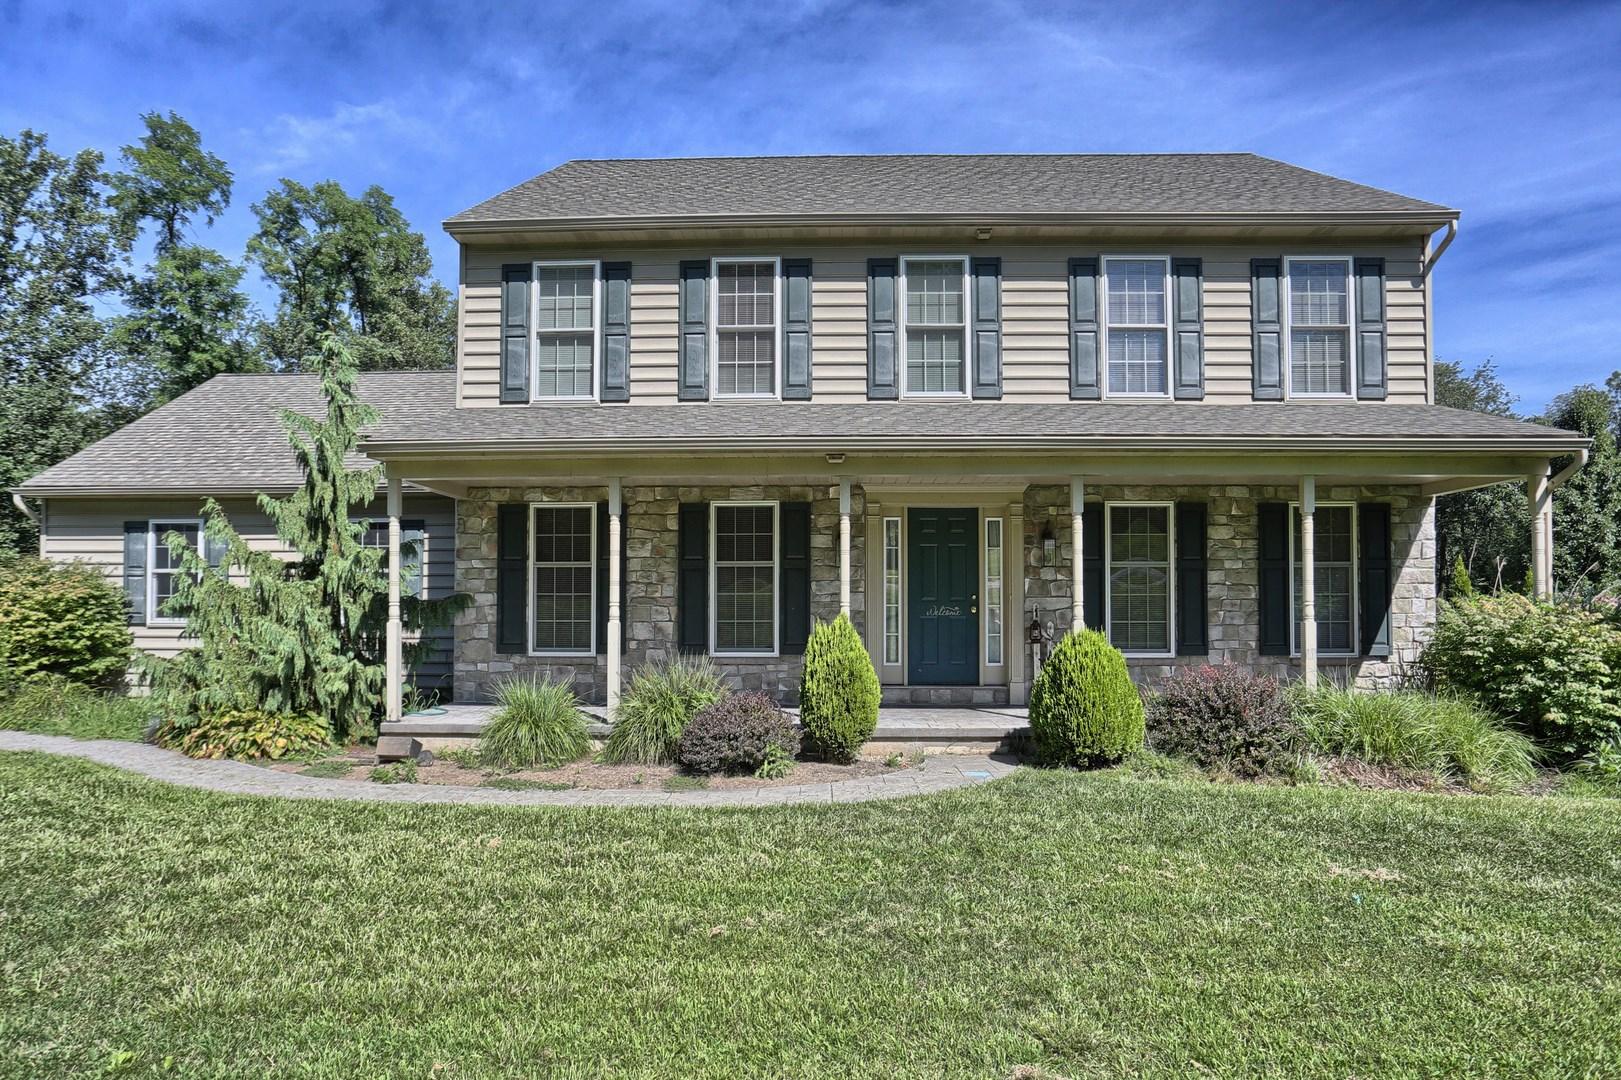 Maison unifamiliale pour l Vente à 417 Martic Heights Drive Holtwood, Pennsylvanie 17532 États-Unis